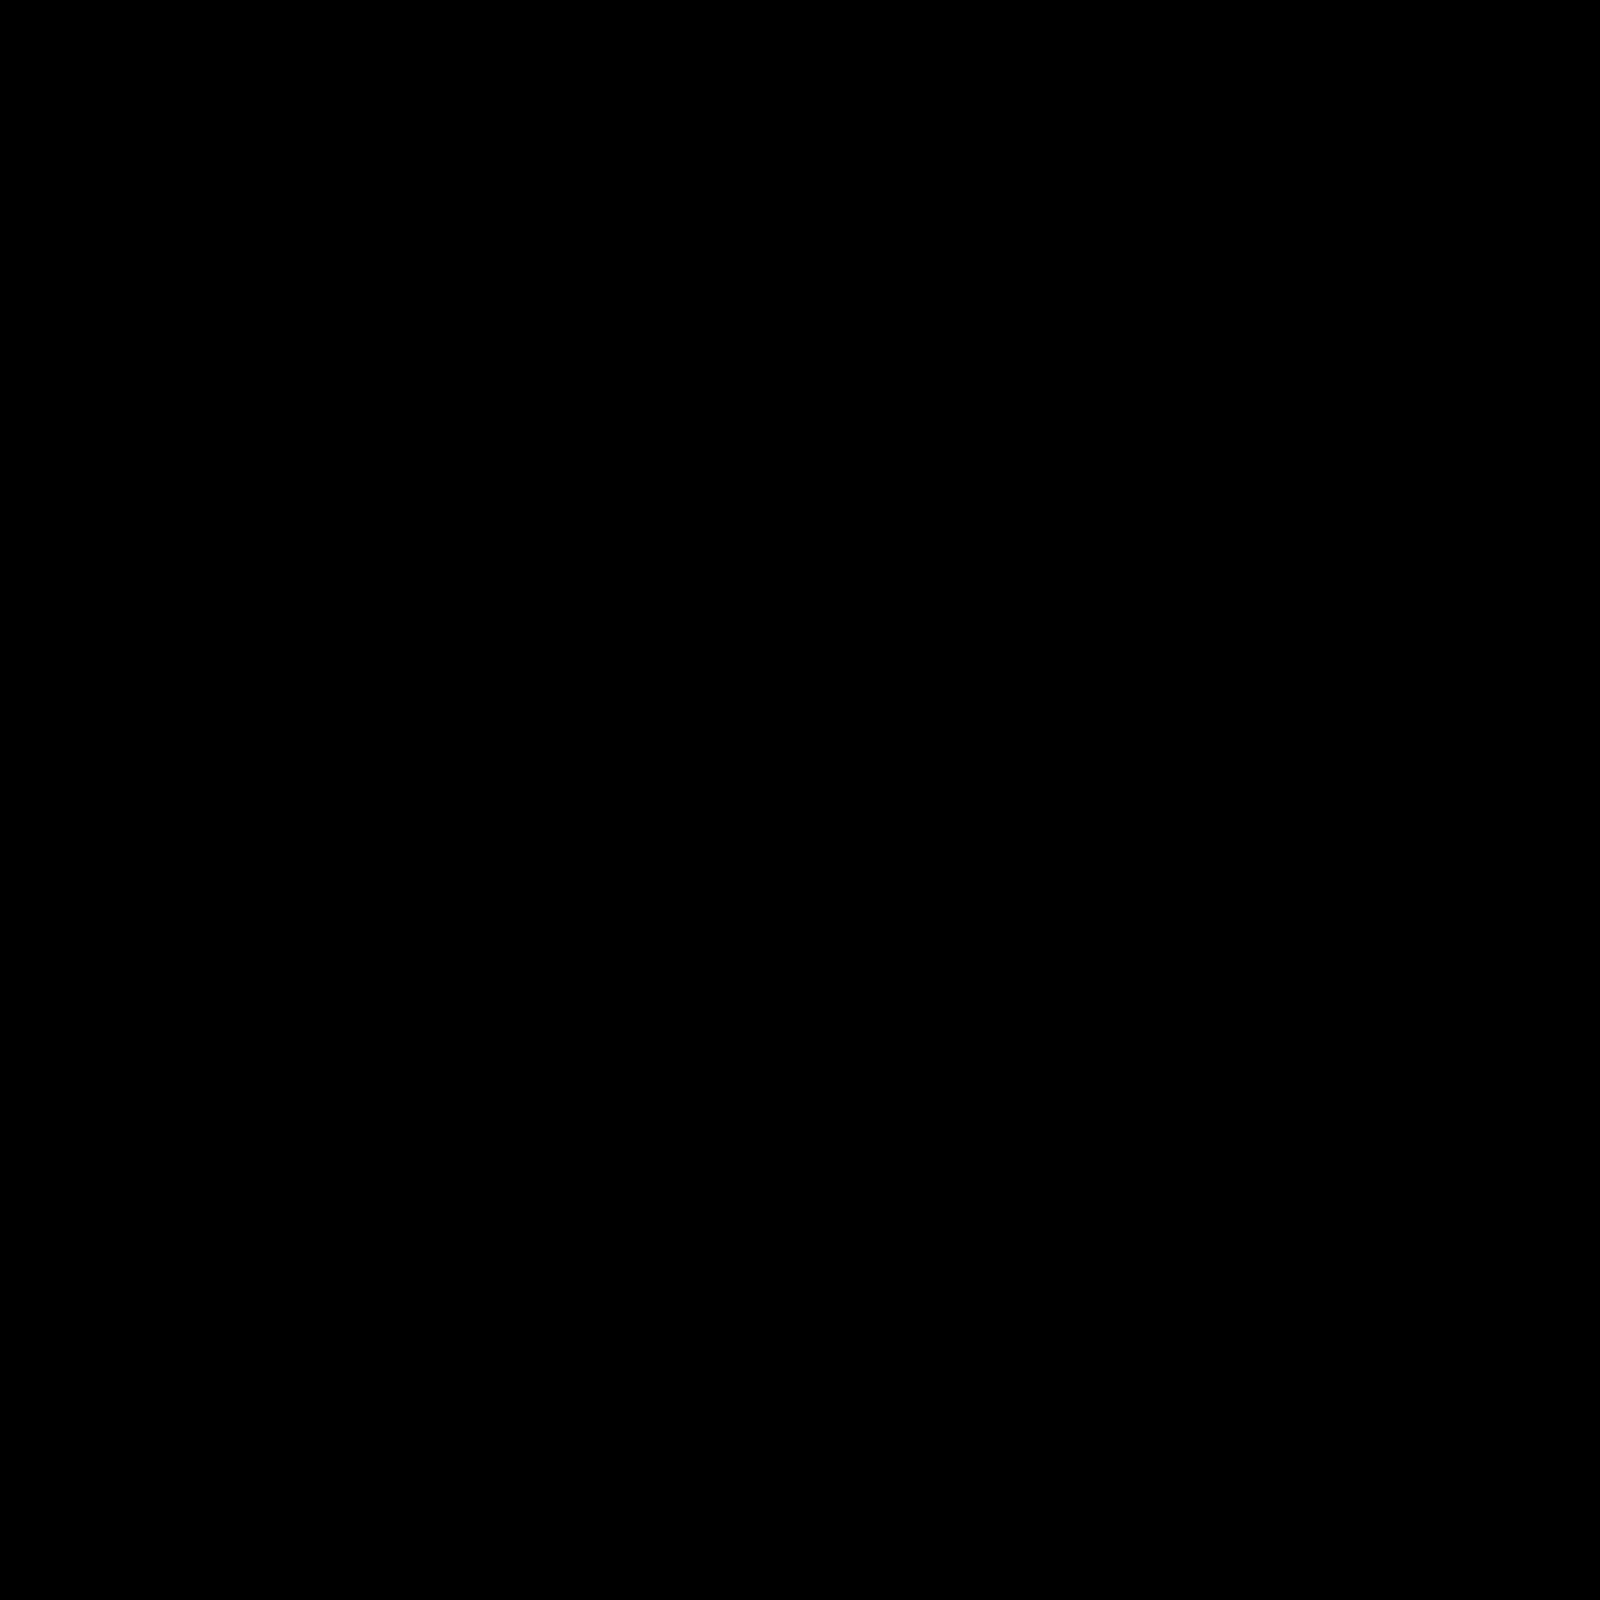 Manpower icon